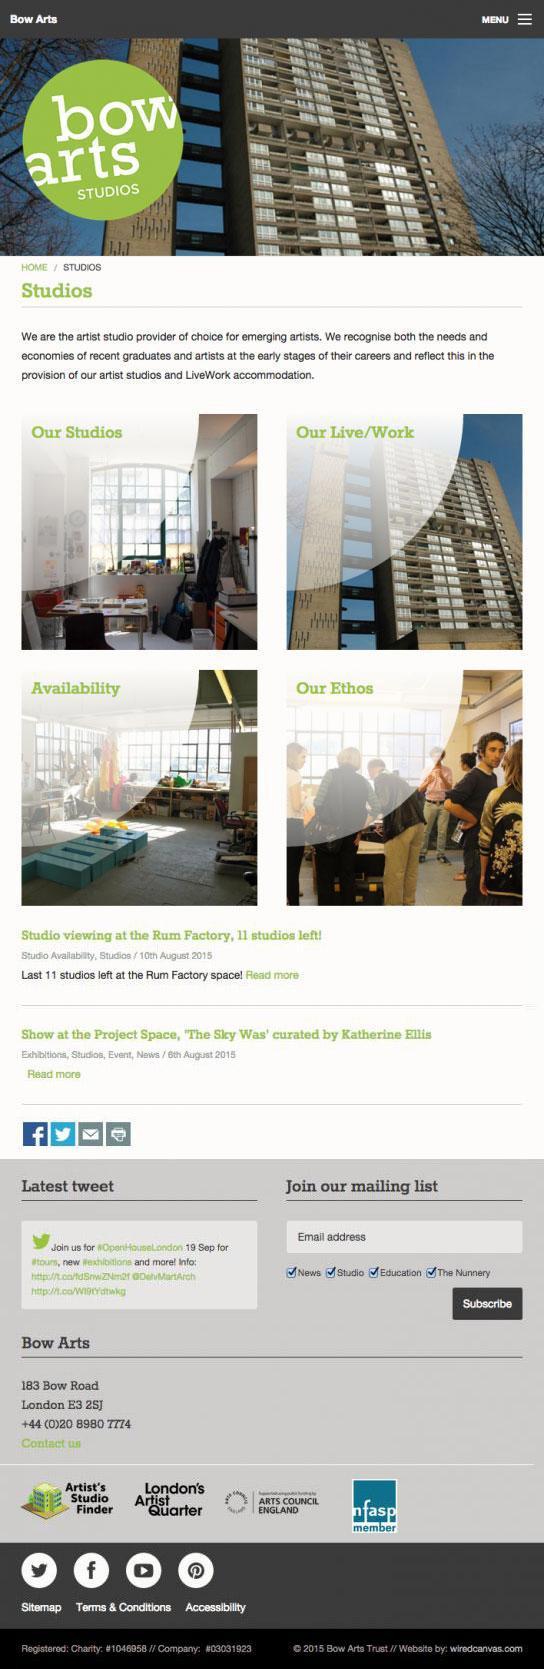 Bow Arts Website Design: Tablet